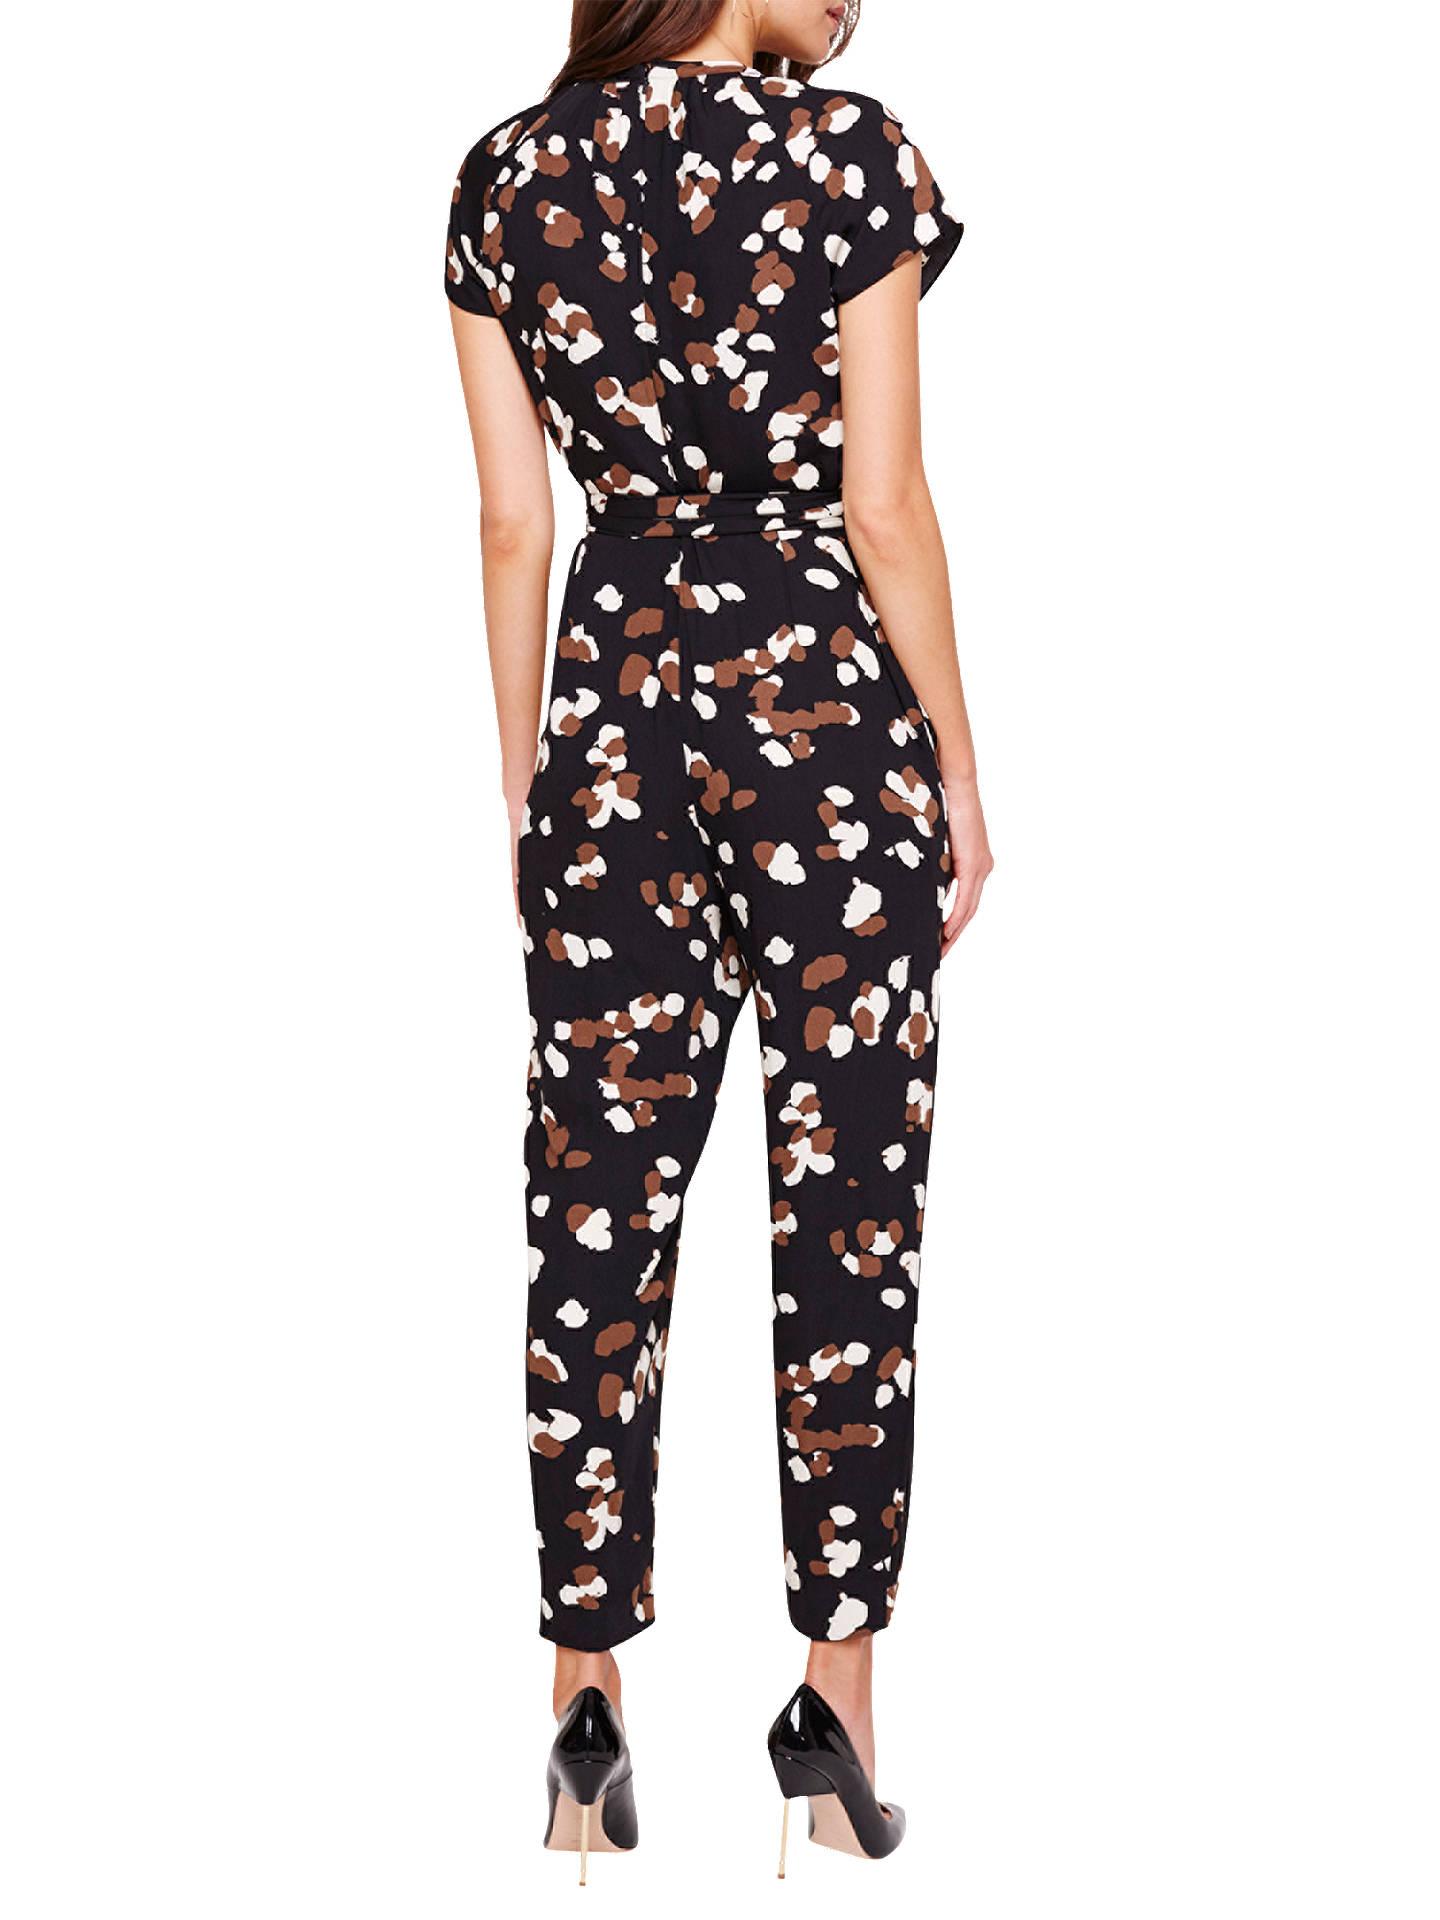 95fcfbb9612 ... Buy Damsel in a Dress Alanis Petal Print Jumpsuit